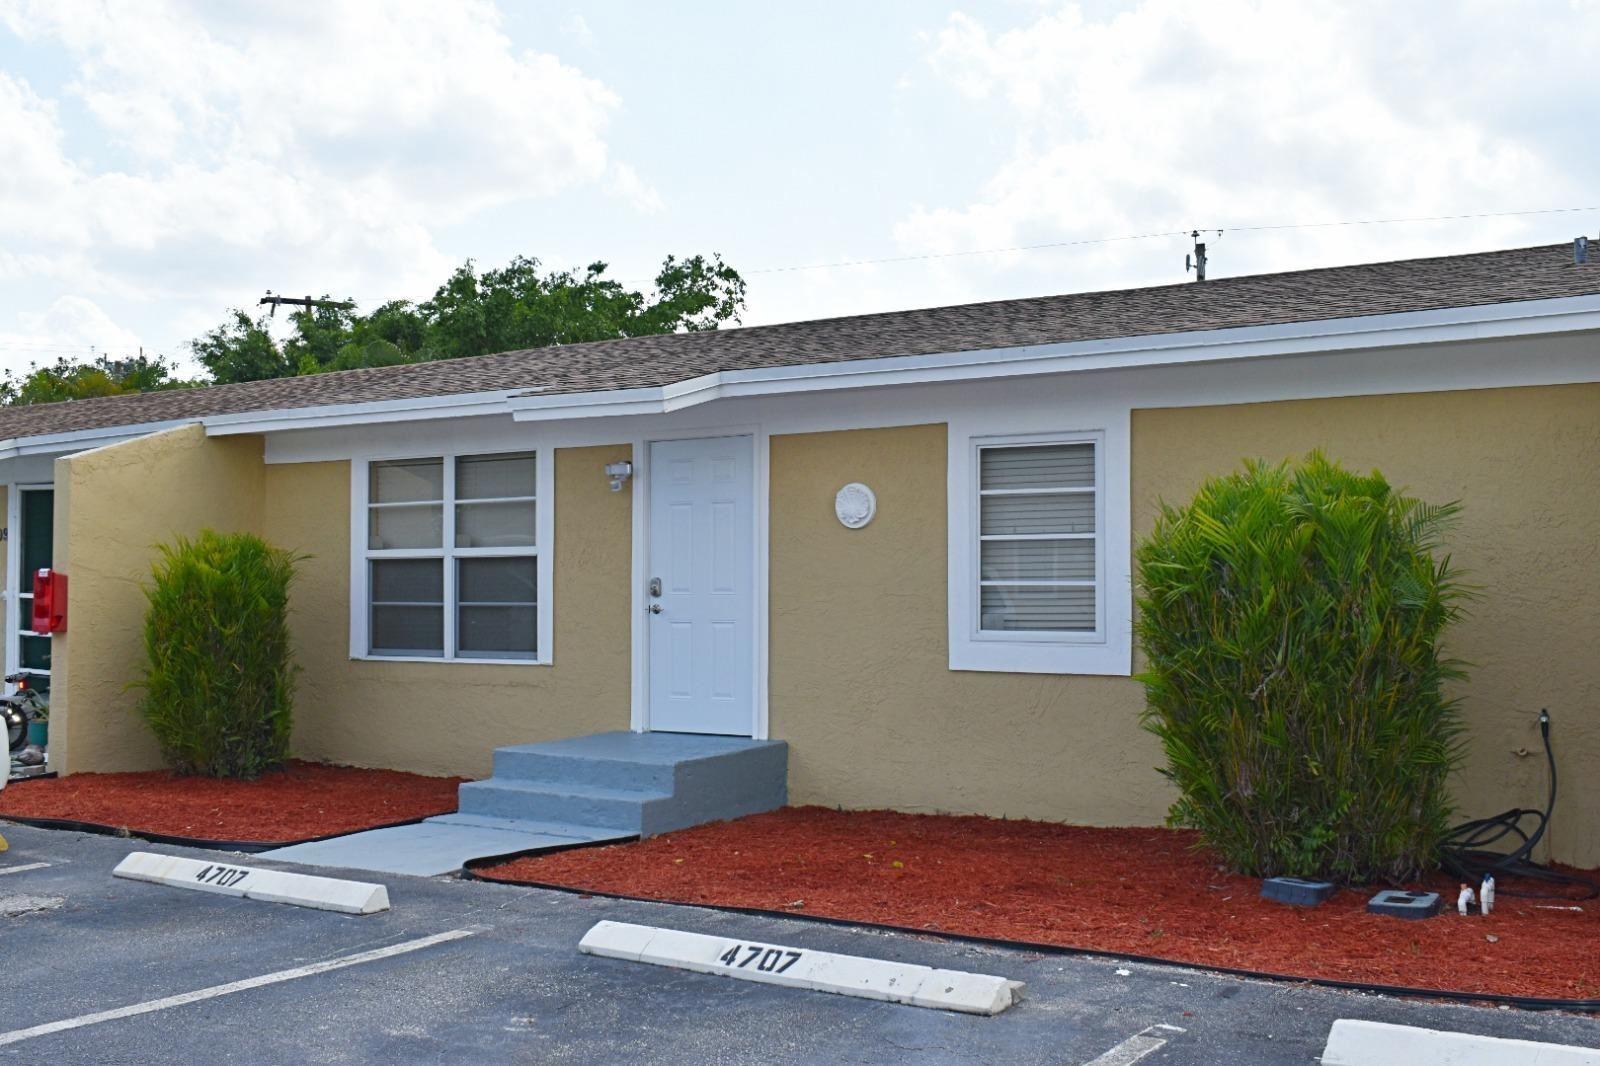 Photo of 4707 Martha Louise Drive, West Palm Beach, FL 33417 (MLS # RX-10709765)